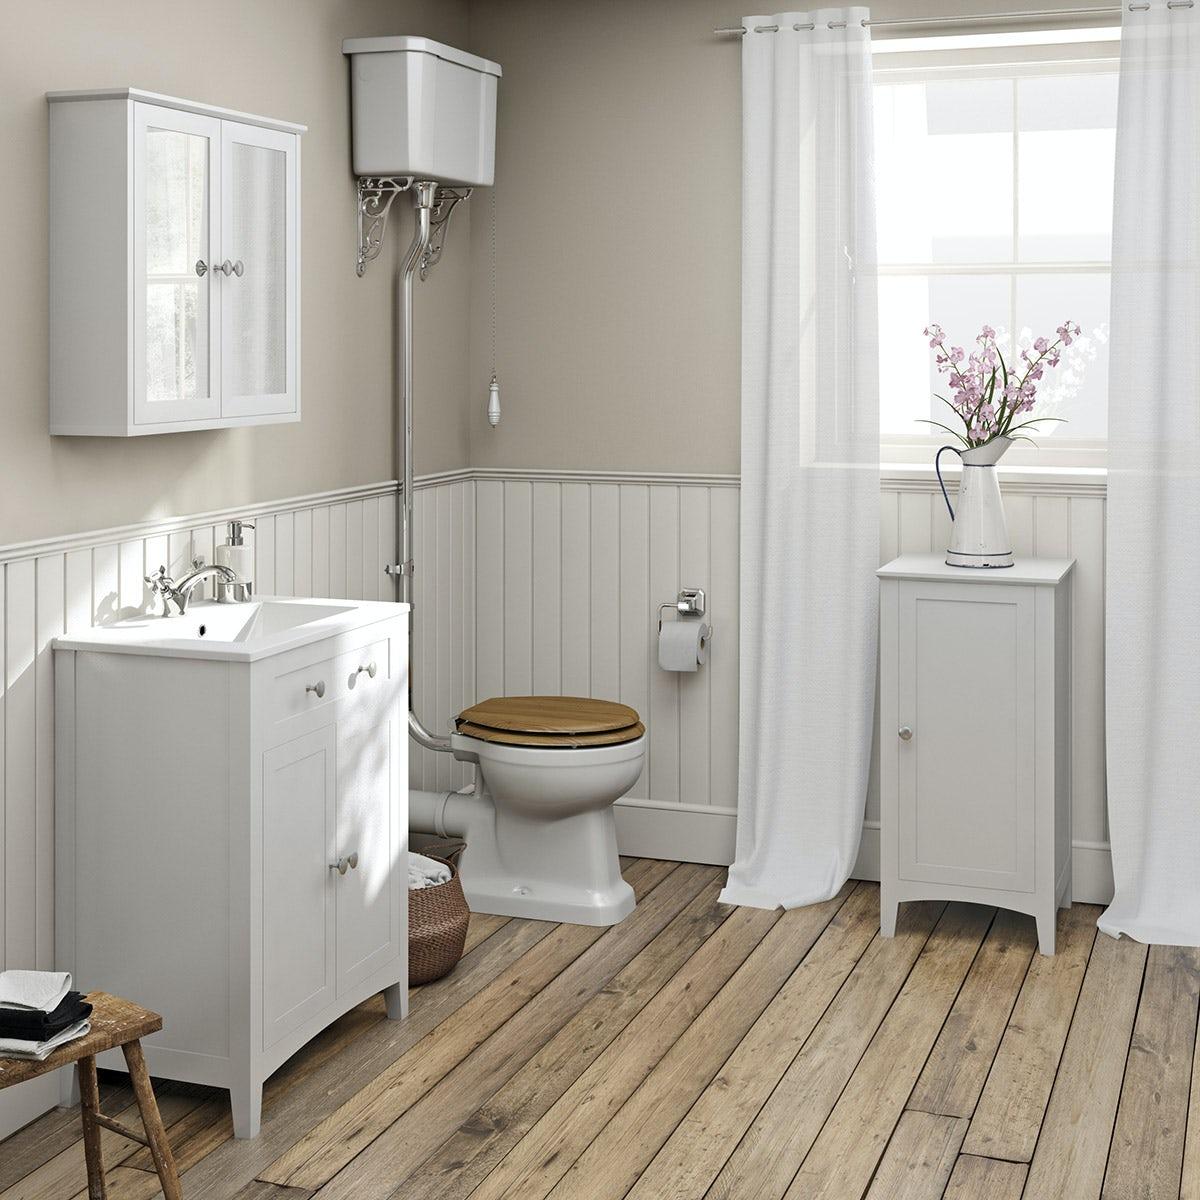 Craig Rose Victoria Sponge Kitchen Bathroom Paint 2 5l